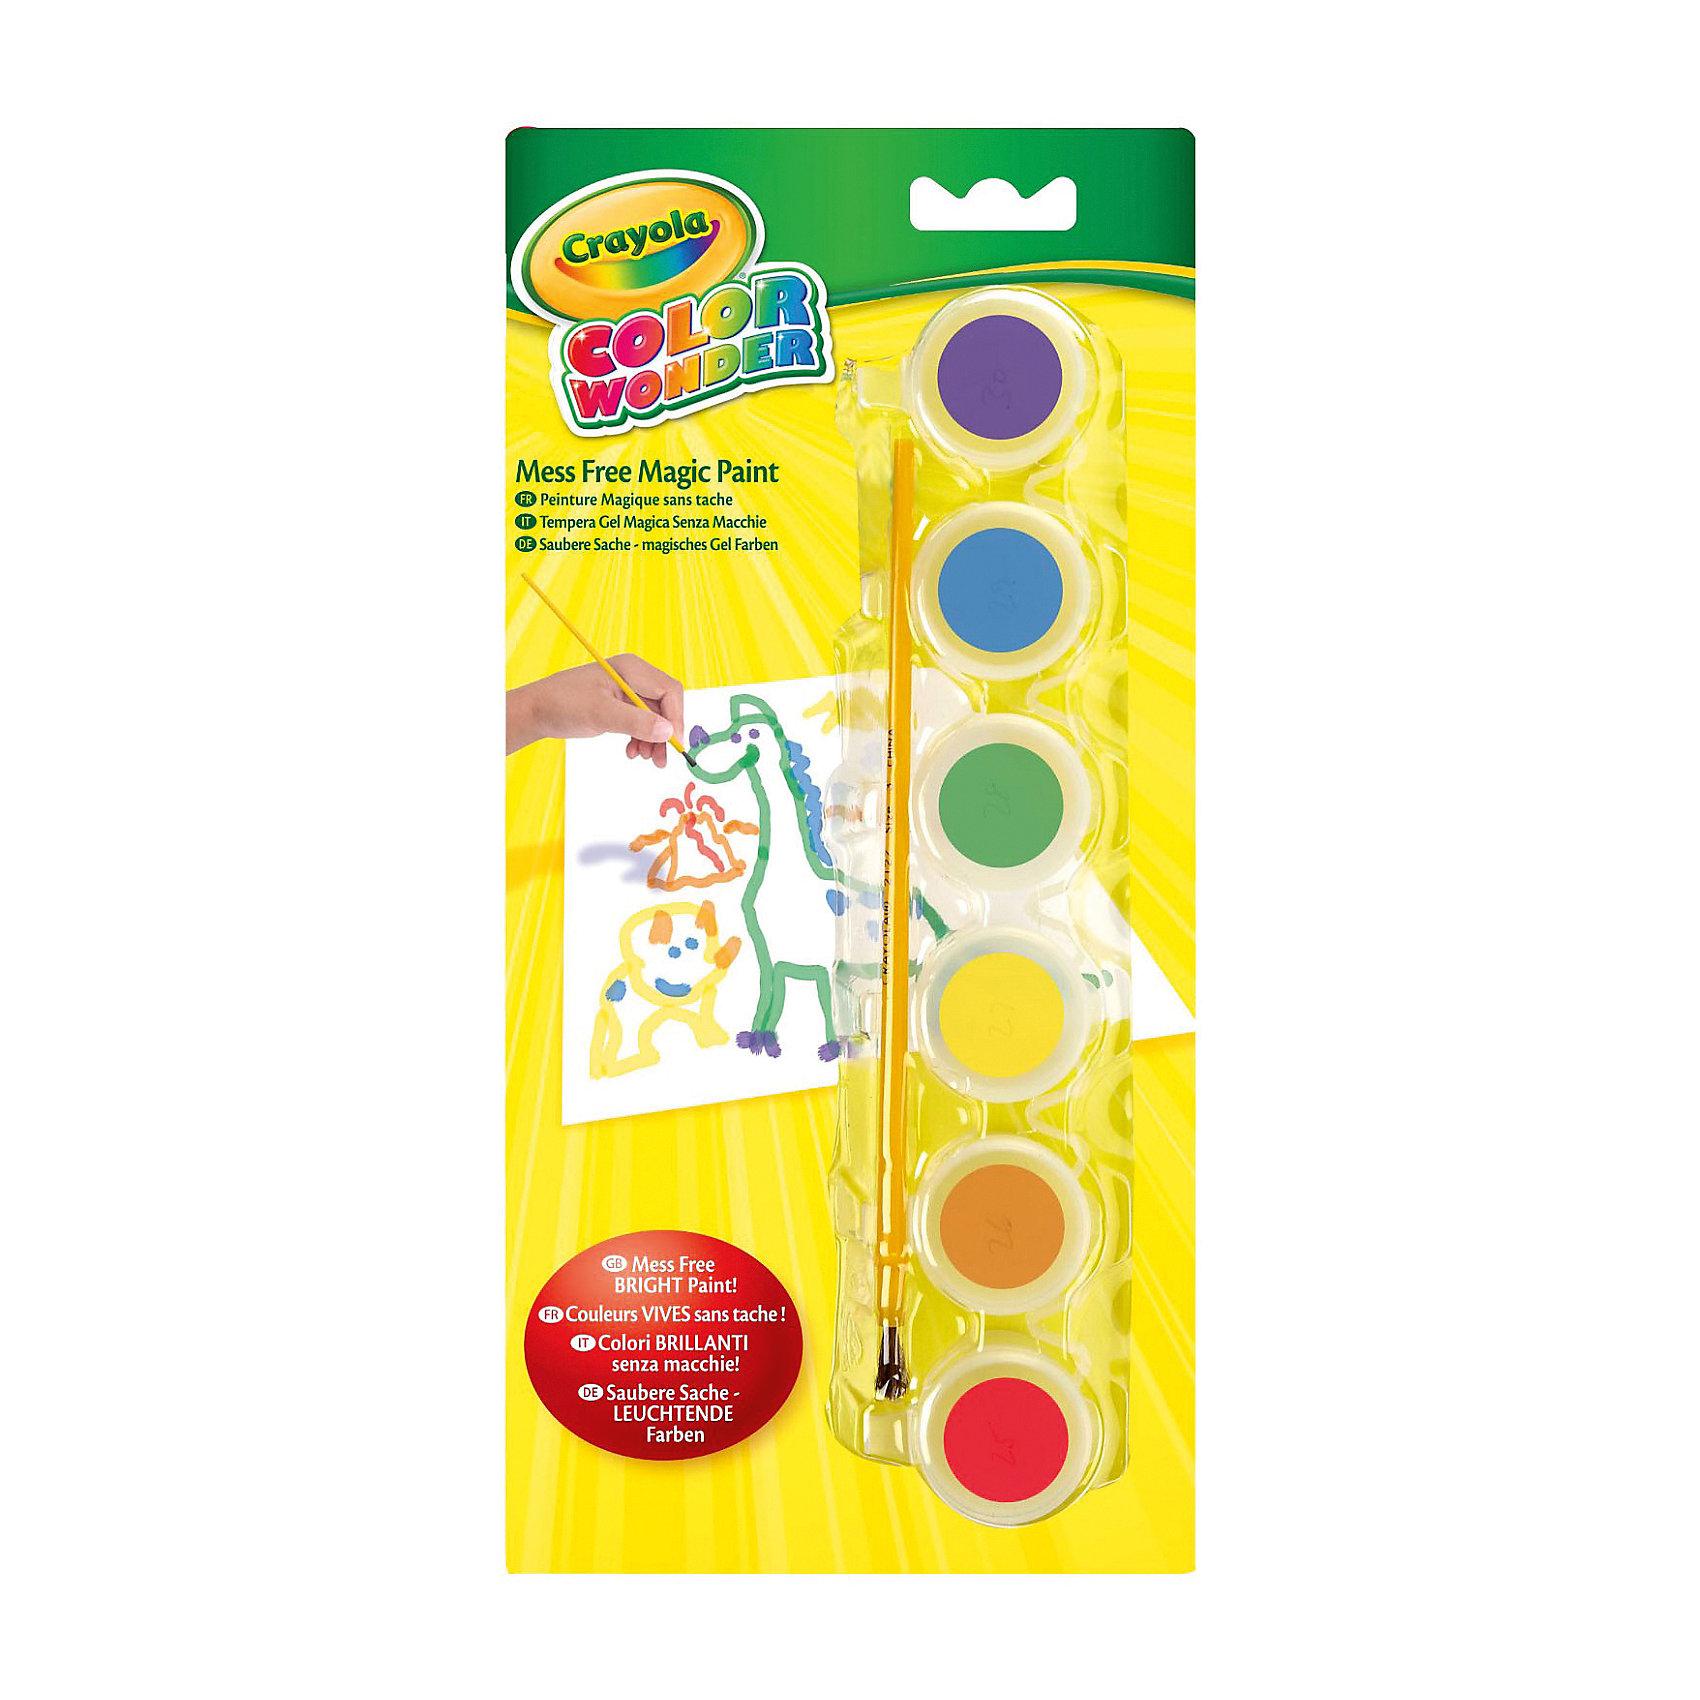 Краски, 6 цветов, CrayolaАкварель<br>Краски CW включают в себя 6 цветов. Благодаря своим уникальным свойствам, эти краски проявляются только на специальной бумаге Color Wonder. Поэтому маленький художник может спокойно рисовать, не думая о том, что он испачкает краской стол или одежду. Такие краски хорошо подойдут детям, которые еще не очень хорошо умеют рисовать, но очень хотят научиться. <br>В набор входят 6 пластиковых баночек с красным, оранжевым, желтым, зеленым, синим и фиолетовым цветами, а также кисточка. Бумагу Color Wonder нужно приобретать отдельно. <br>Размер упаковки: 12,7х26,7х3,2 см. <br>Рекомендуется детям старше 3 лет.<br><br>Ширина мм: 125<br>Глубина мм: 30<br>Высота мм: 265<br>Вес г: 230<br>Возраст от месяцев: 36<br>Возраст до месяцев: 2147483647<br>Пол: Унисекс<br>Возраст: Детский<br>SKU: 5574409